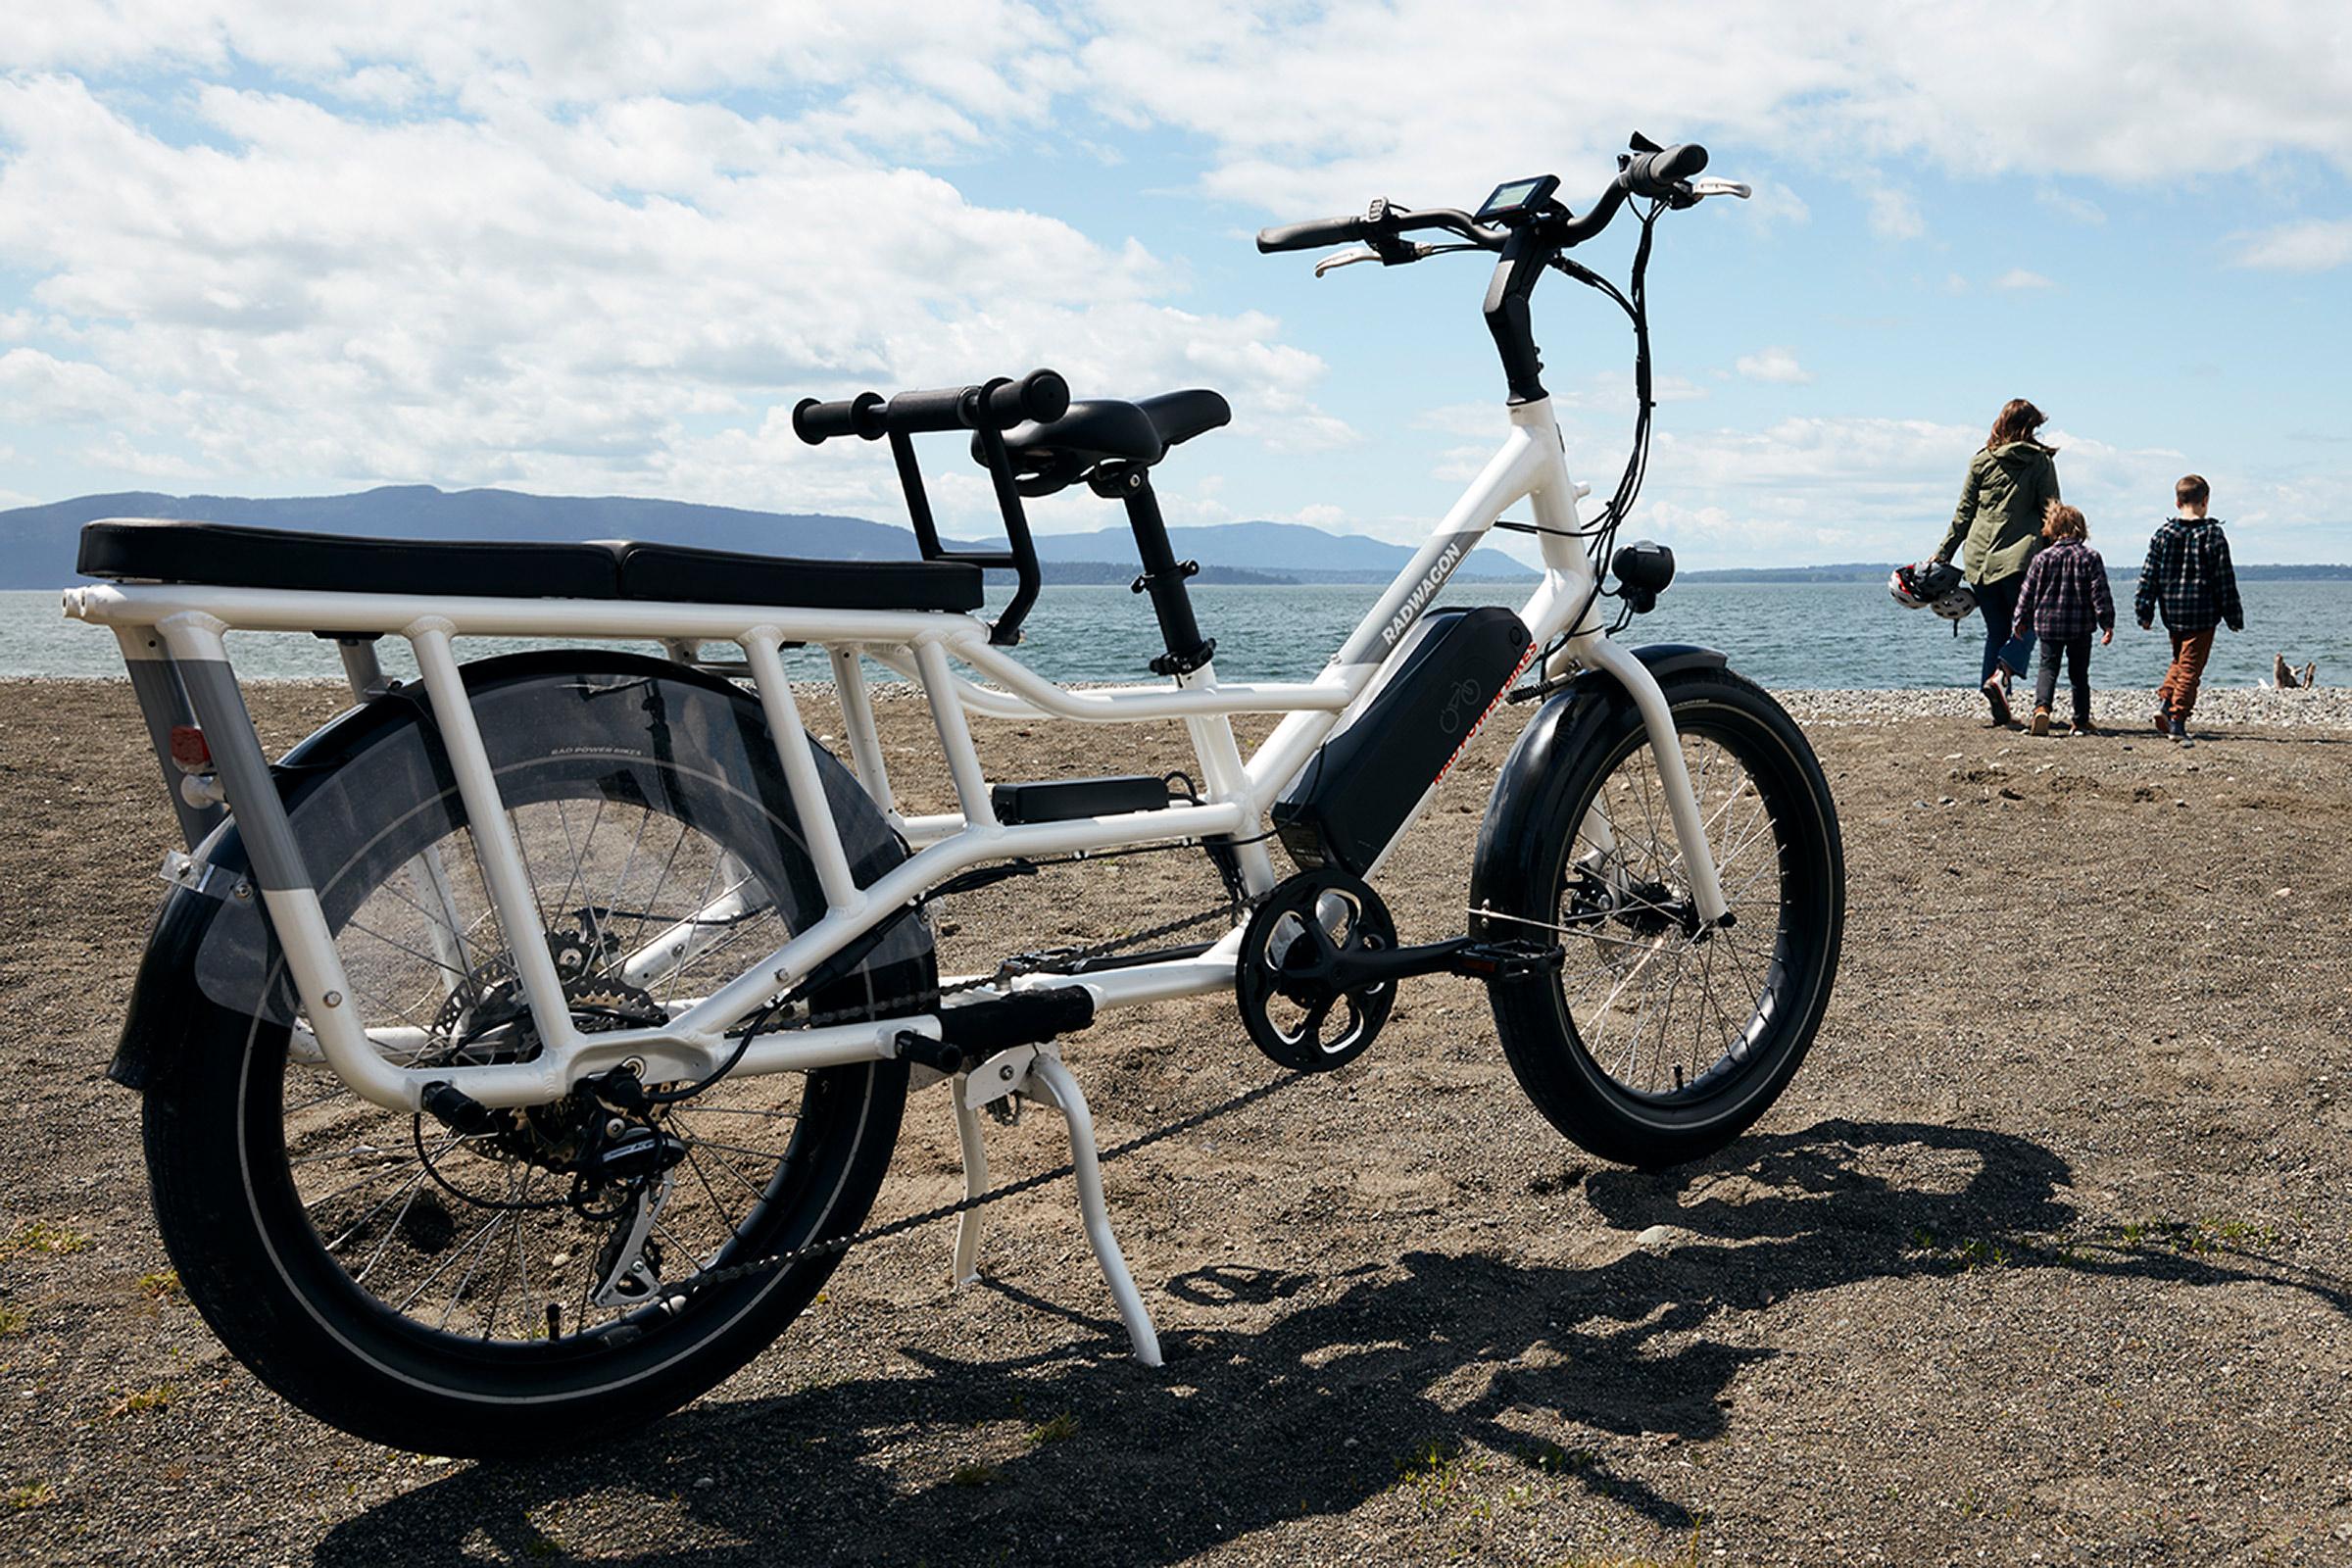 Rad Power Bikes's RadWagon 4 electric cargo bike.